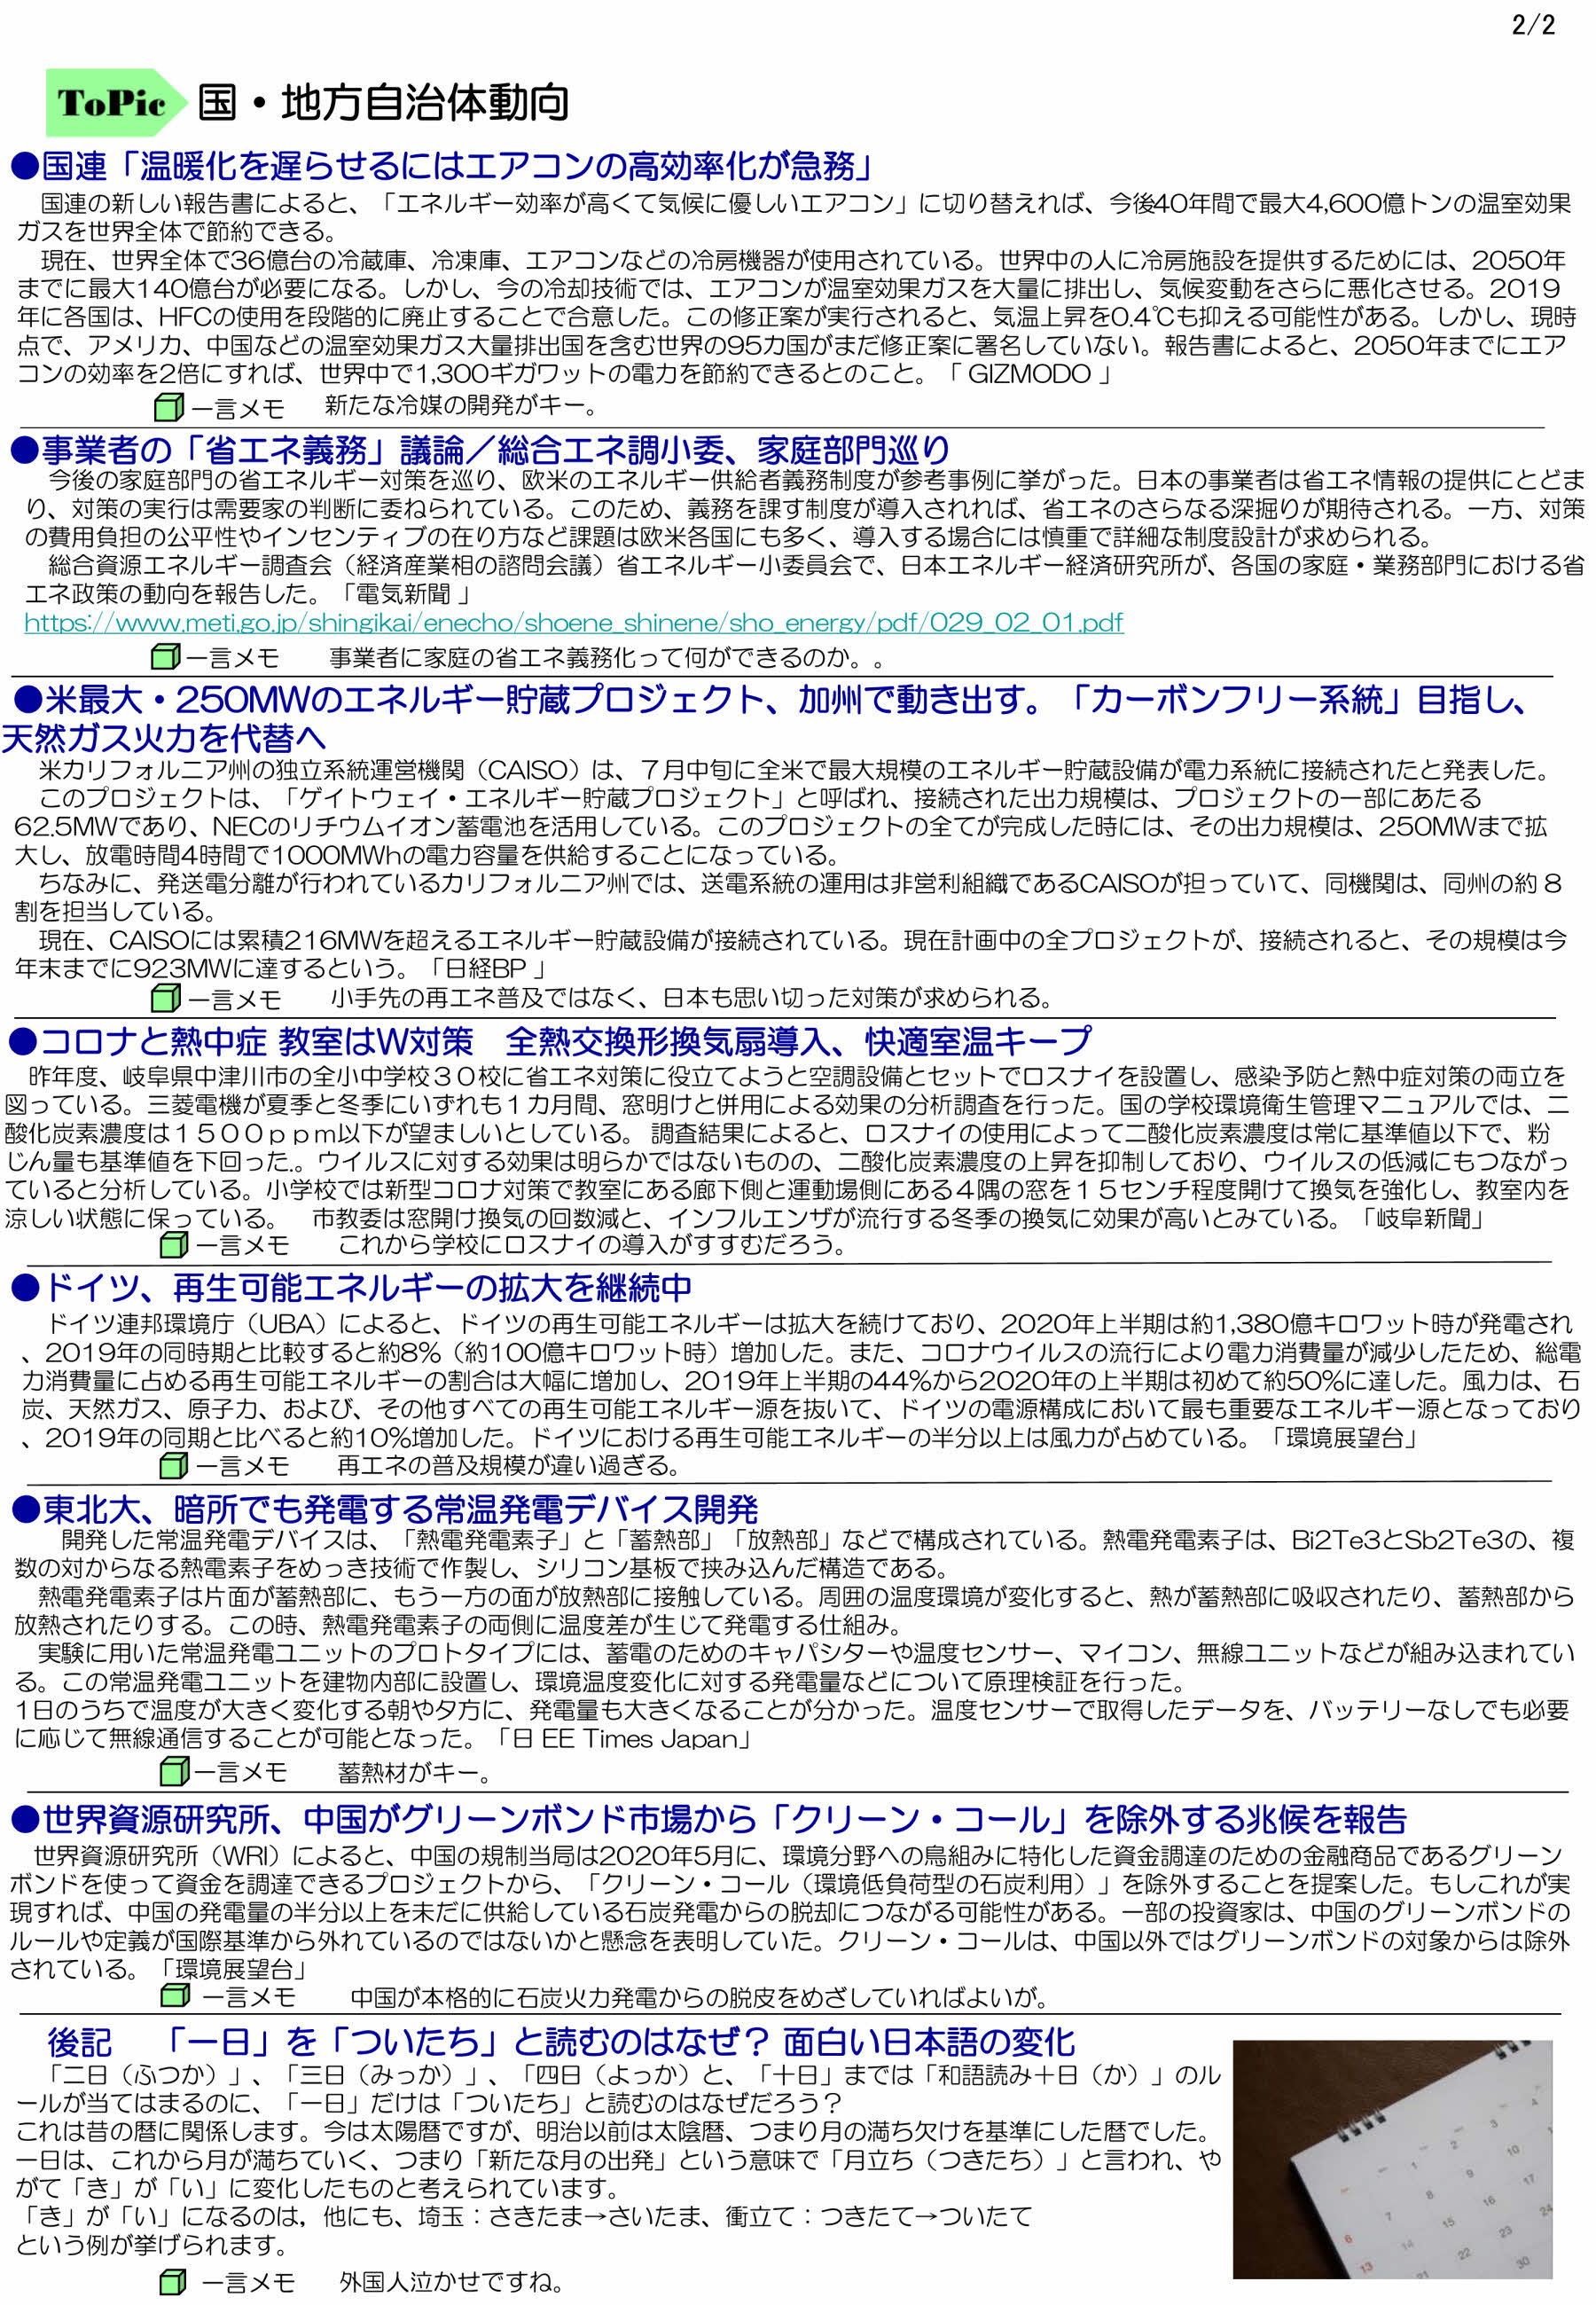 資源エネレポート -N0.77-